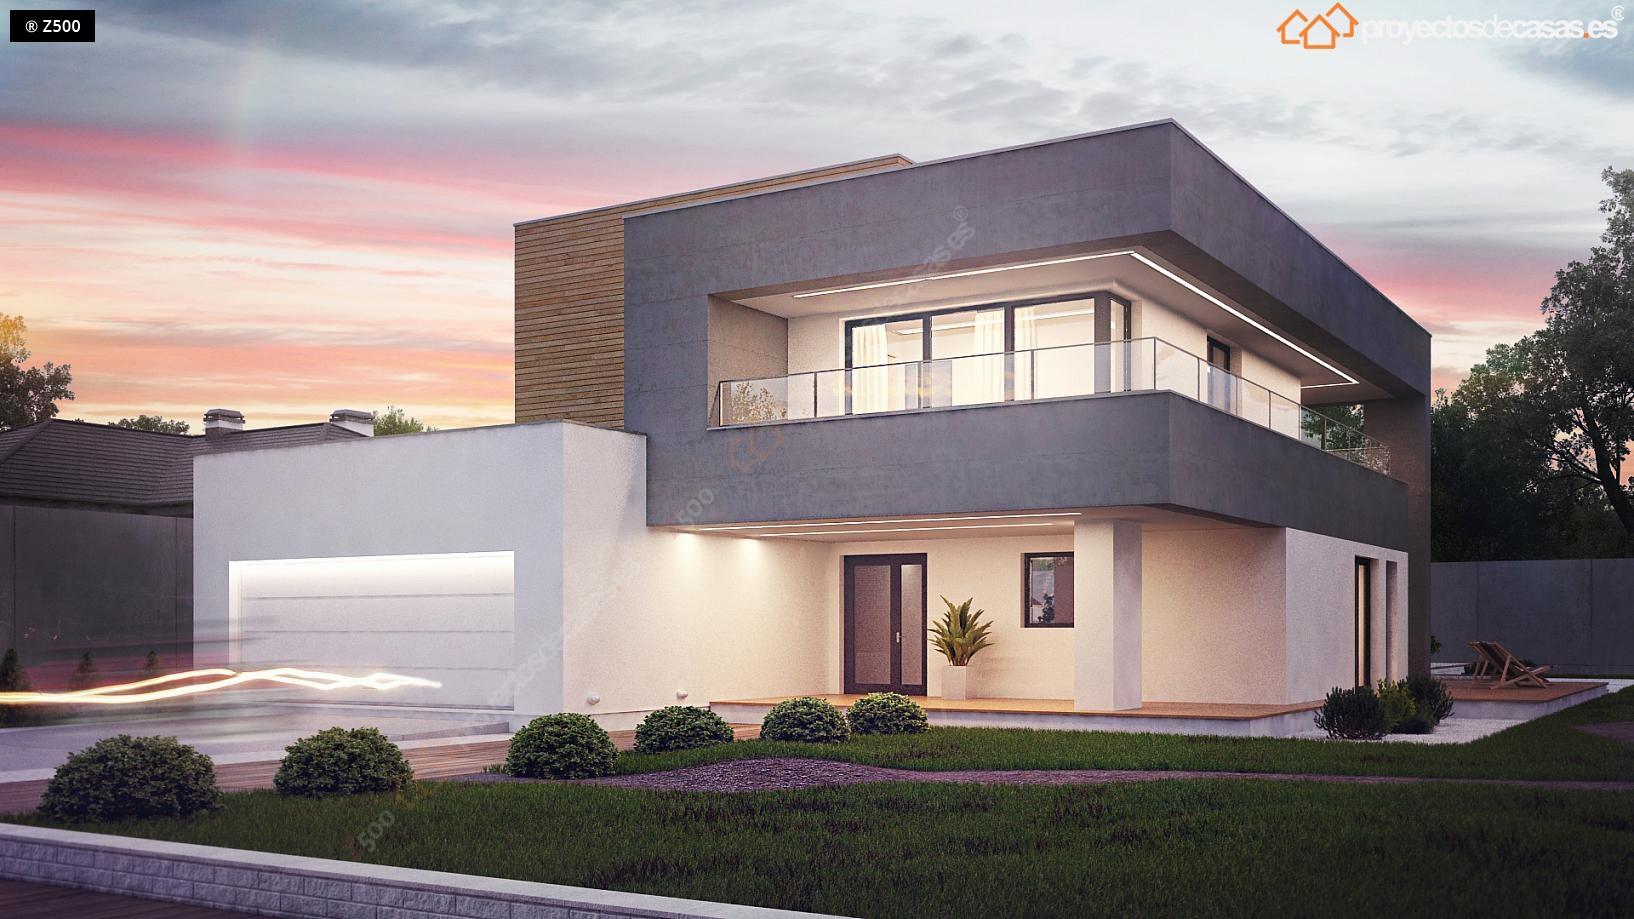 Proyectosdecasas dise amos y construimos casas en toda for Proyectos minimalistas